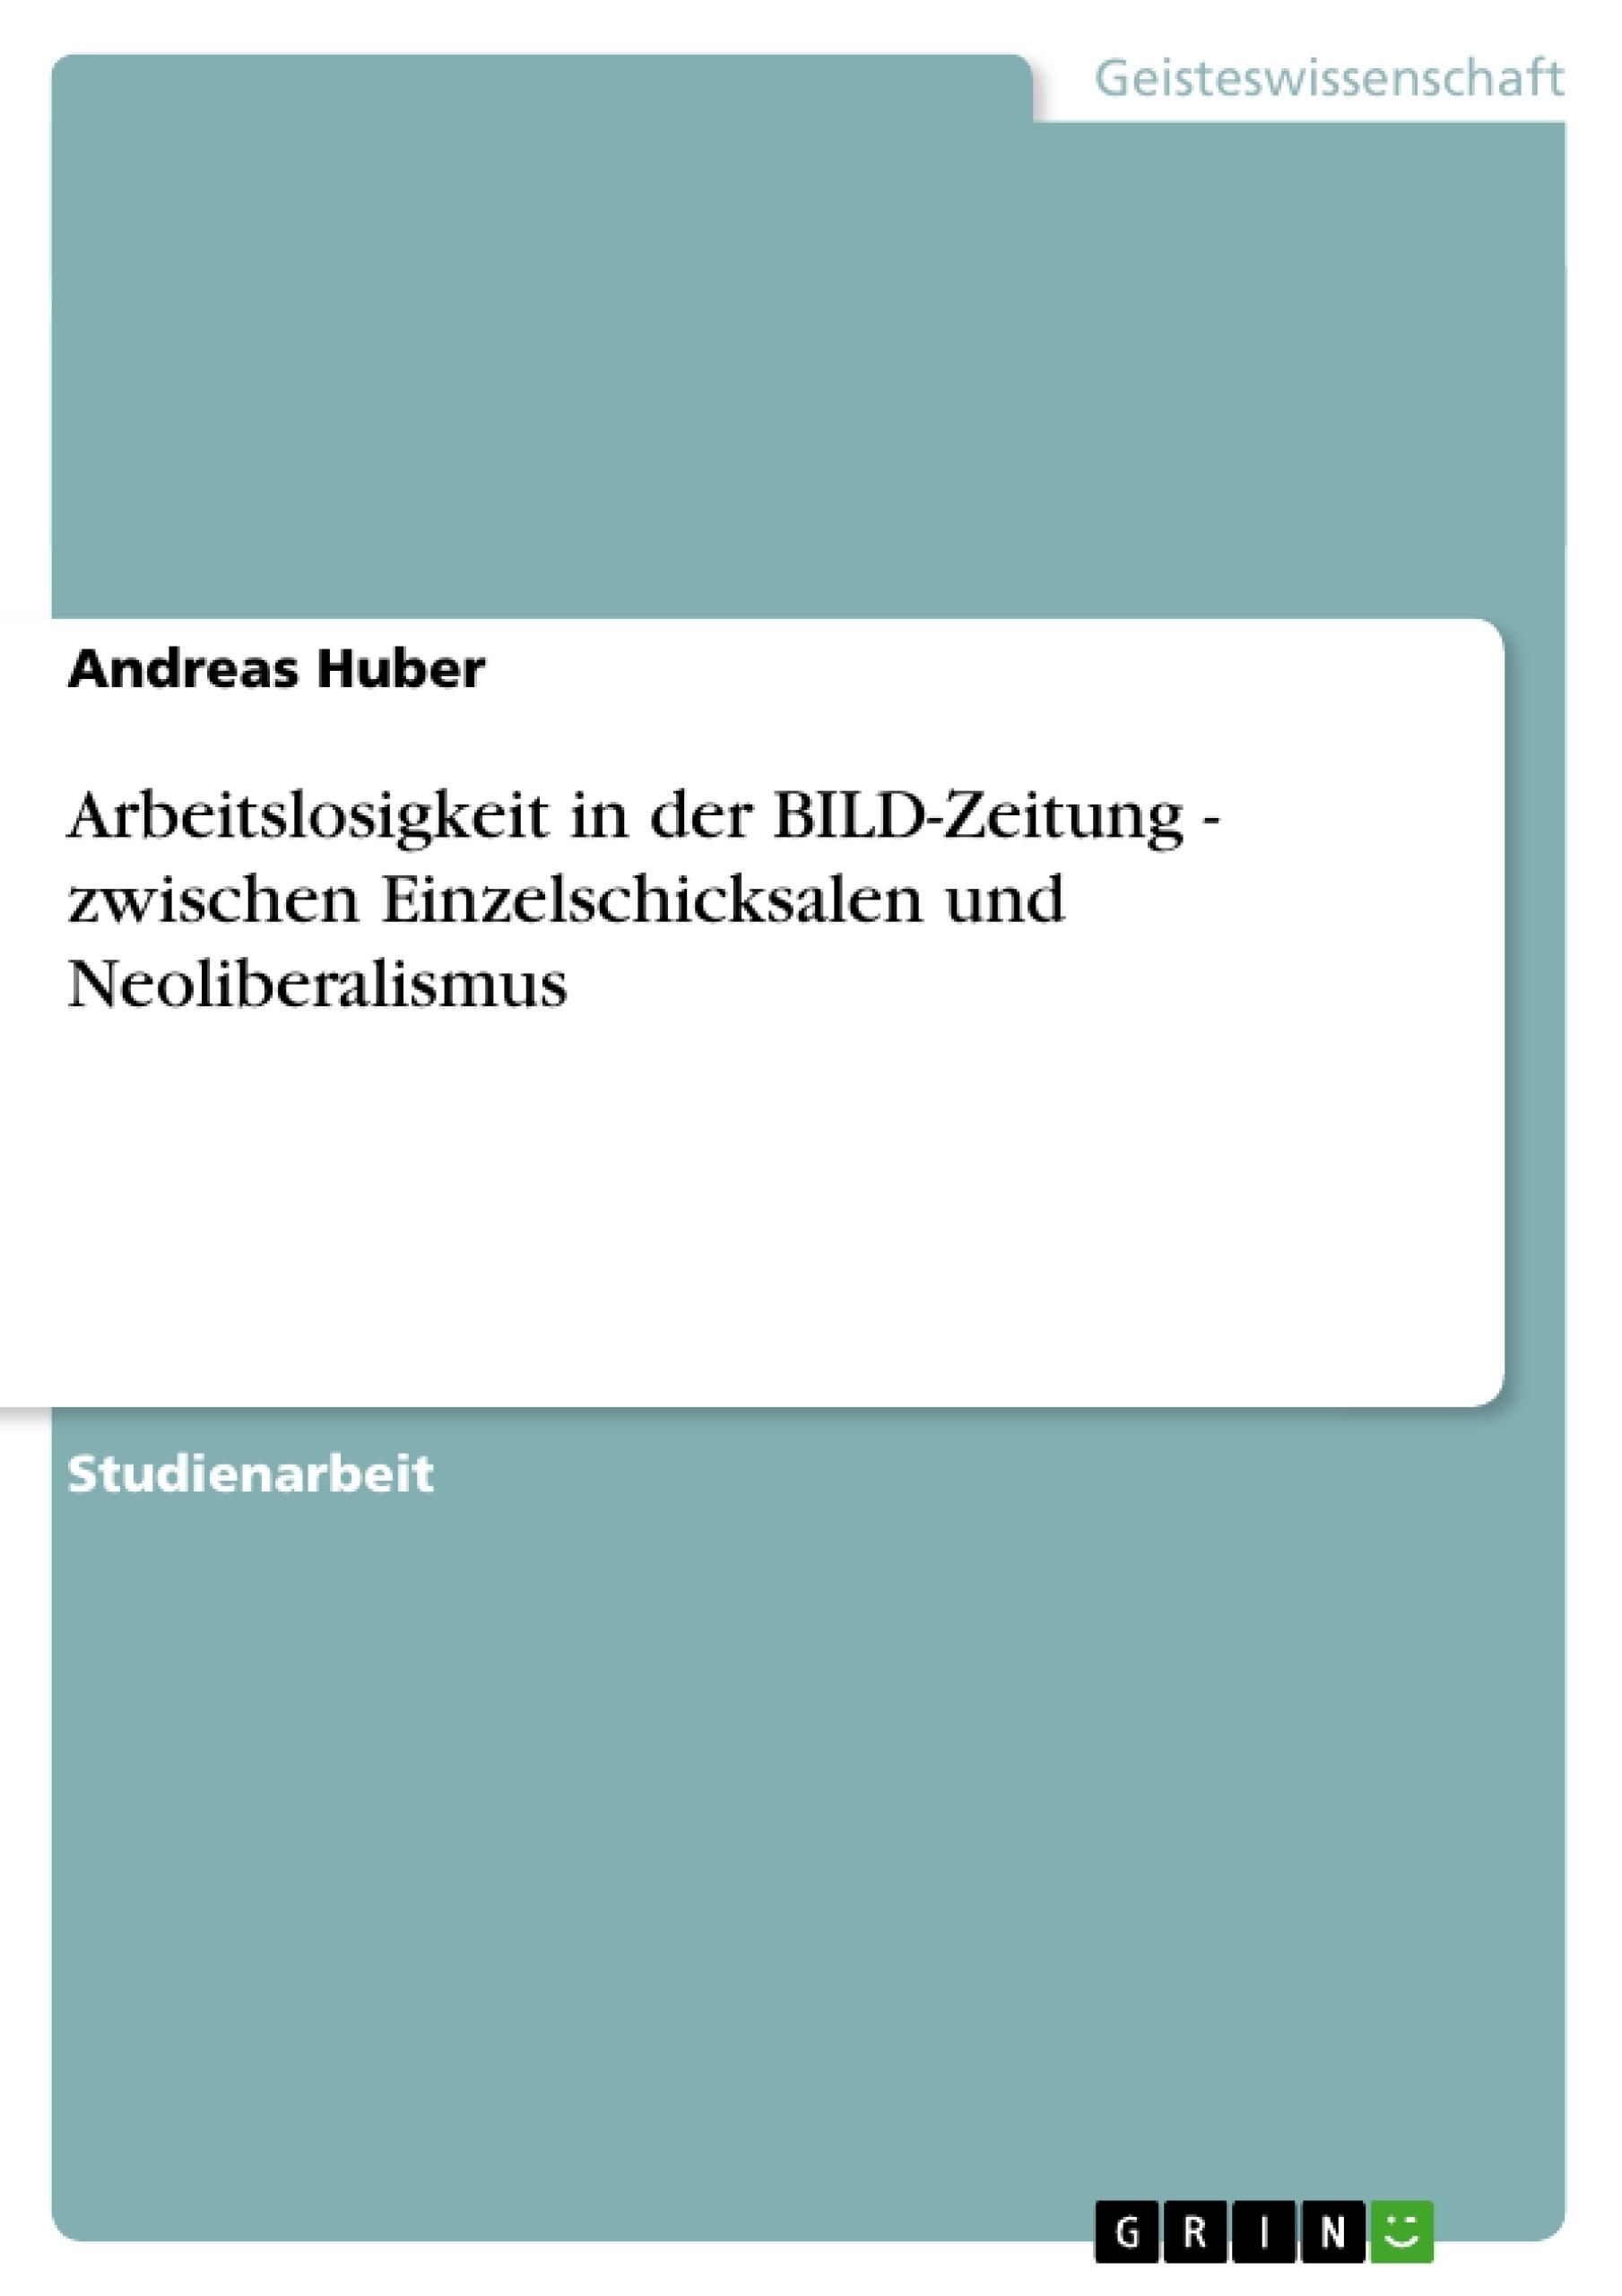 Titel: Arbeitslosigkeit in der BILD-Zeitung - zwischen Einzelschicksalen und Neoliberalismus